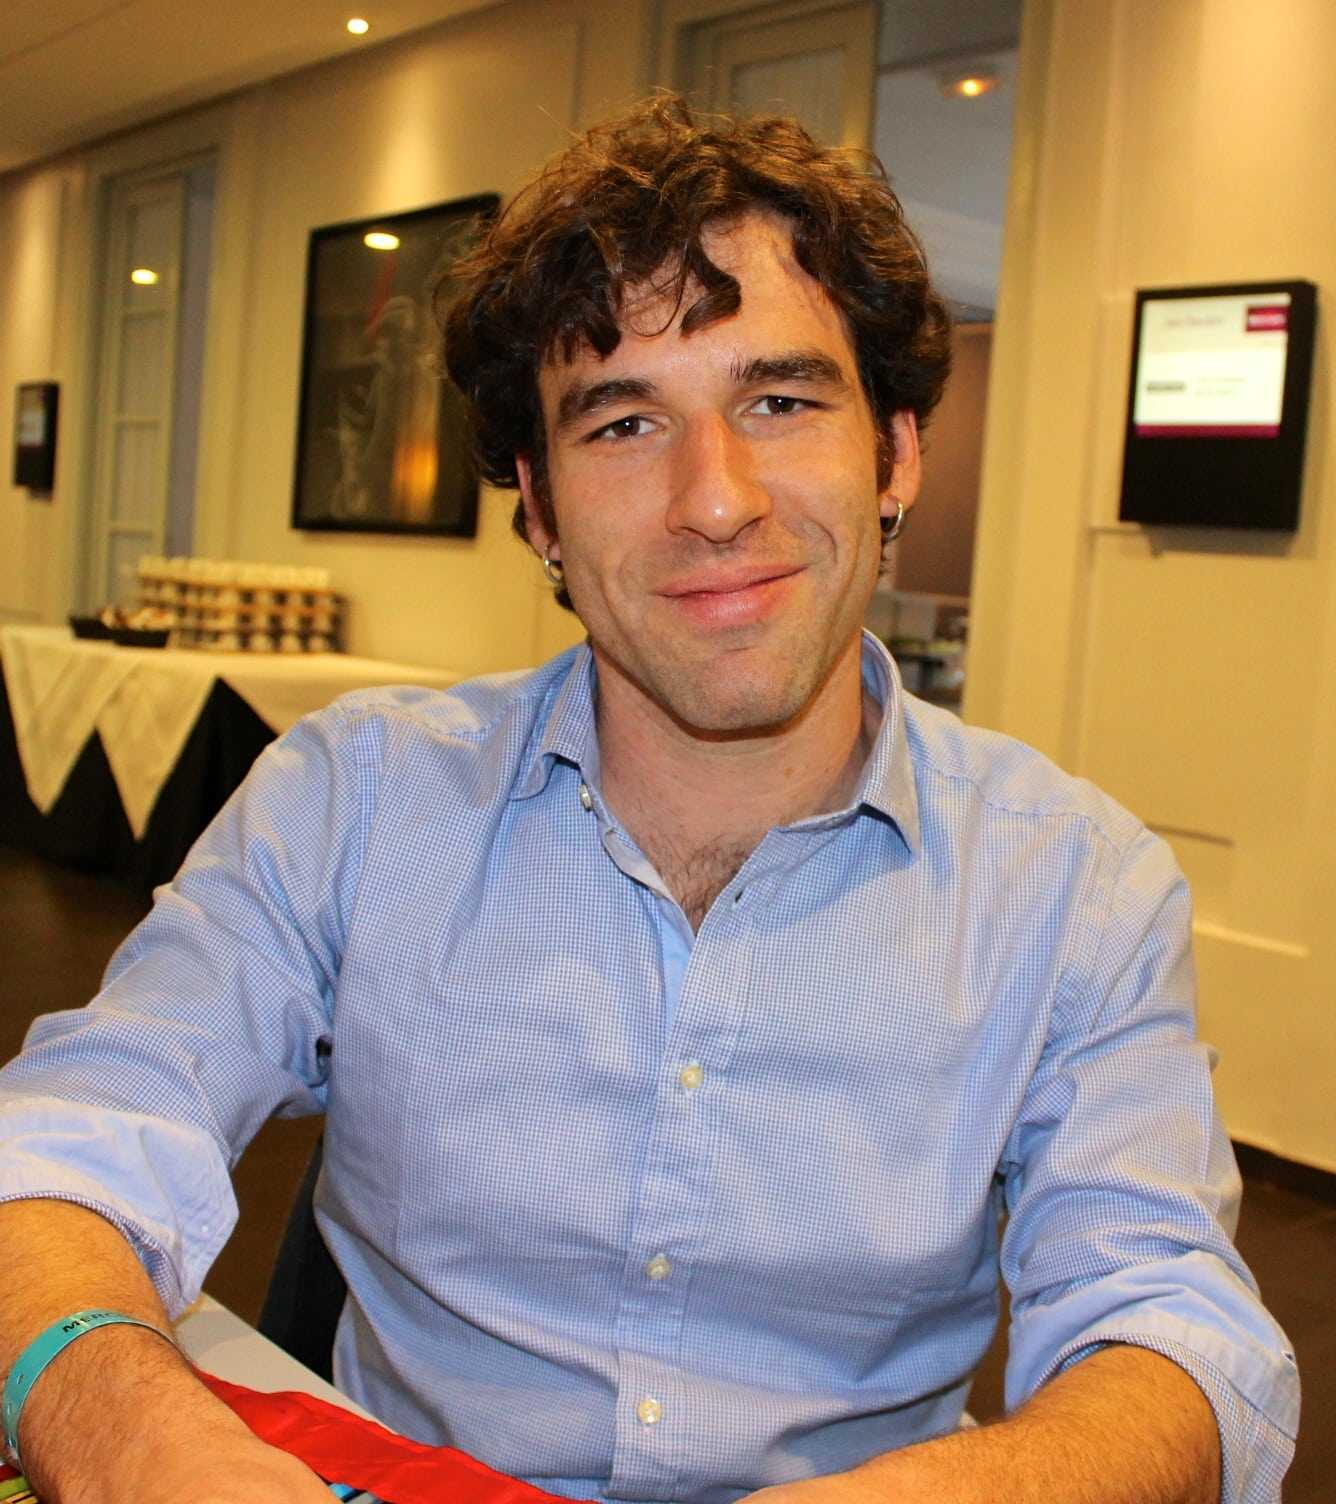 Jordi Lafebre chez Azimuts Montpellier pour les Beaux étés, c'est le samedi 26 septembre